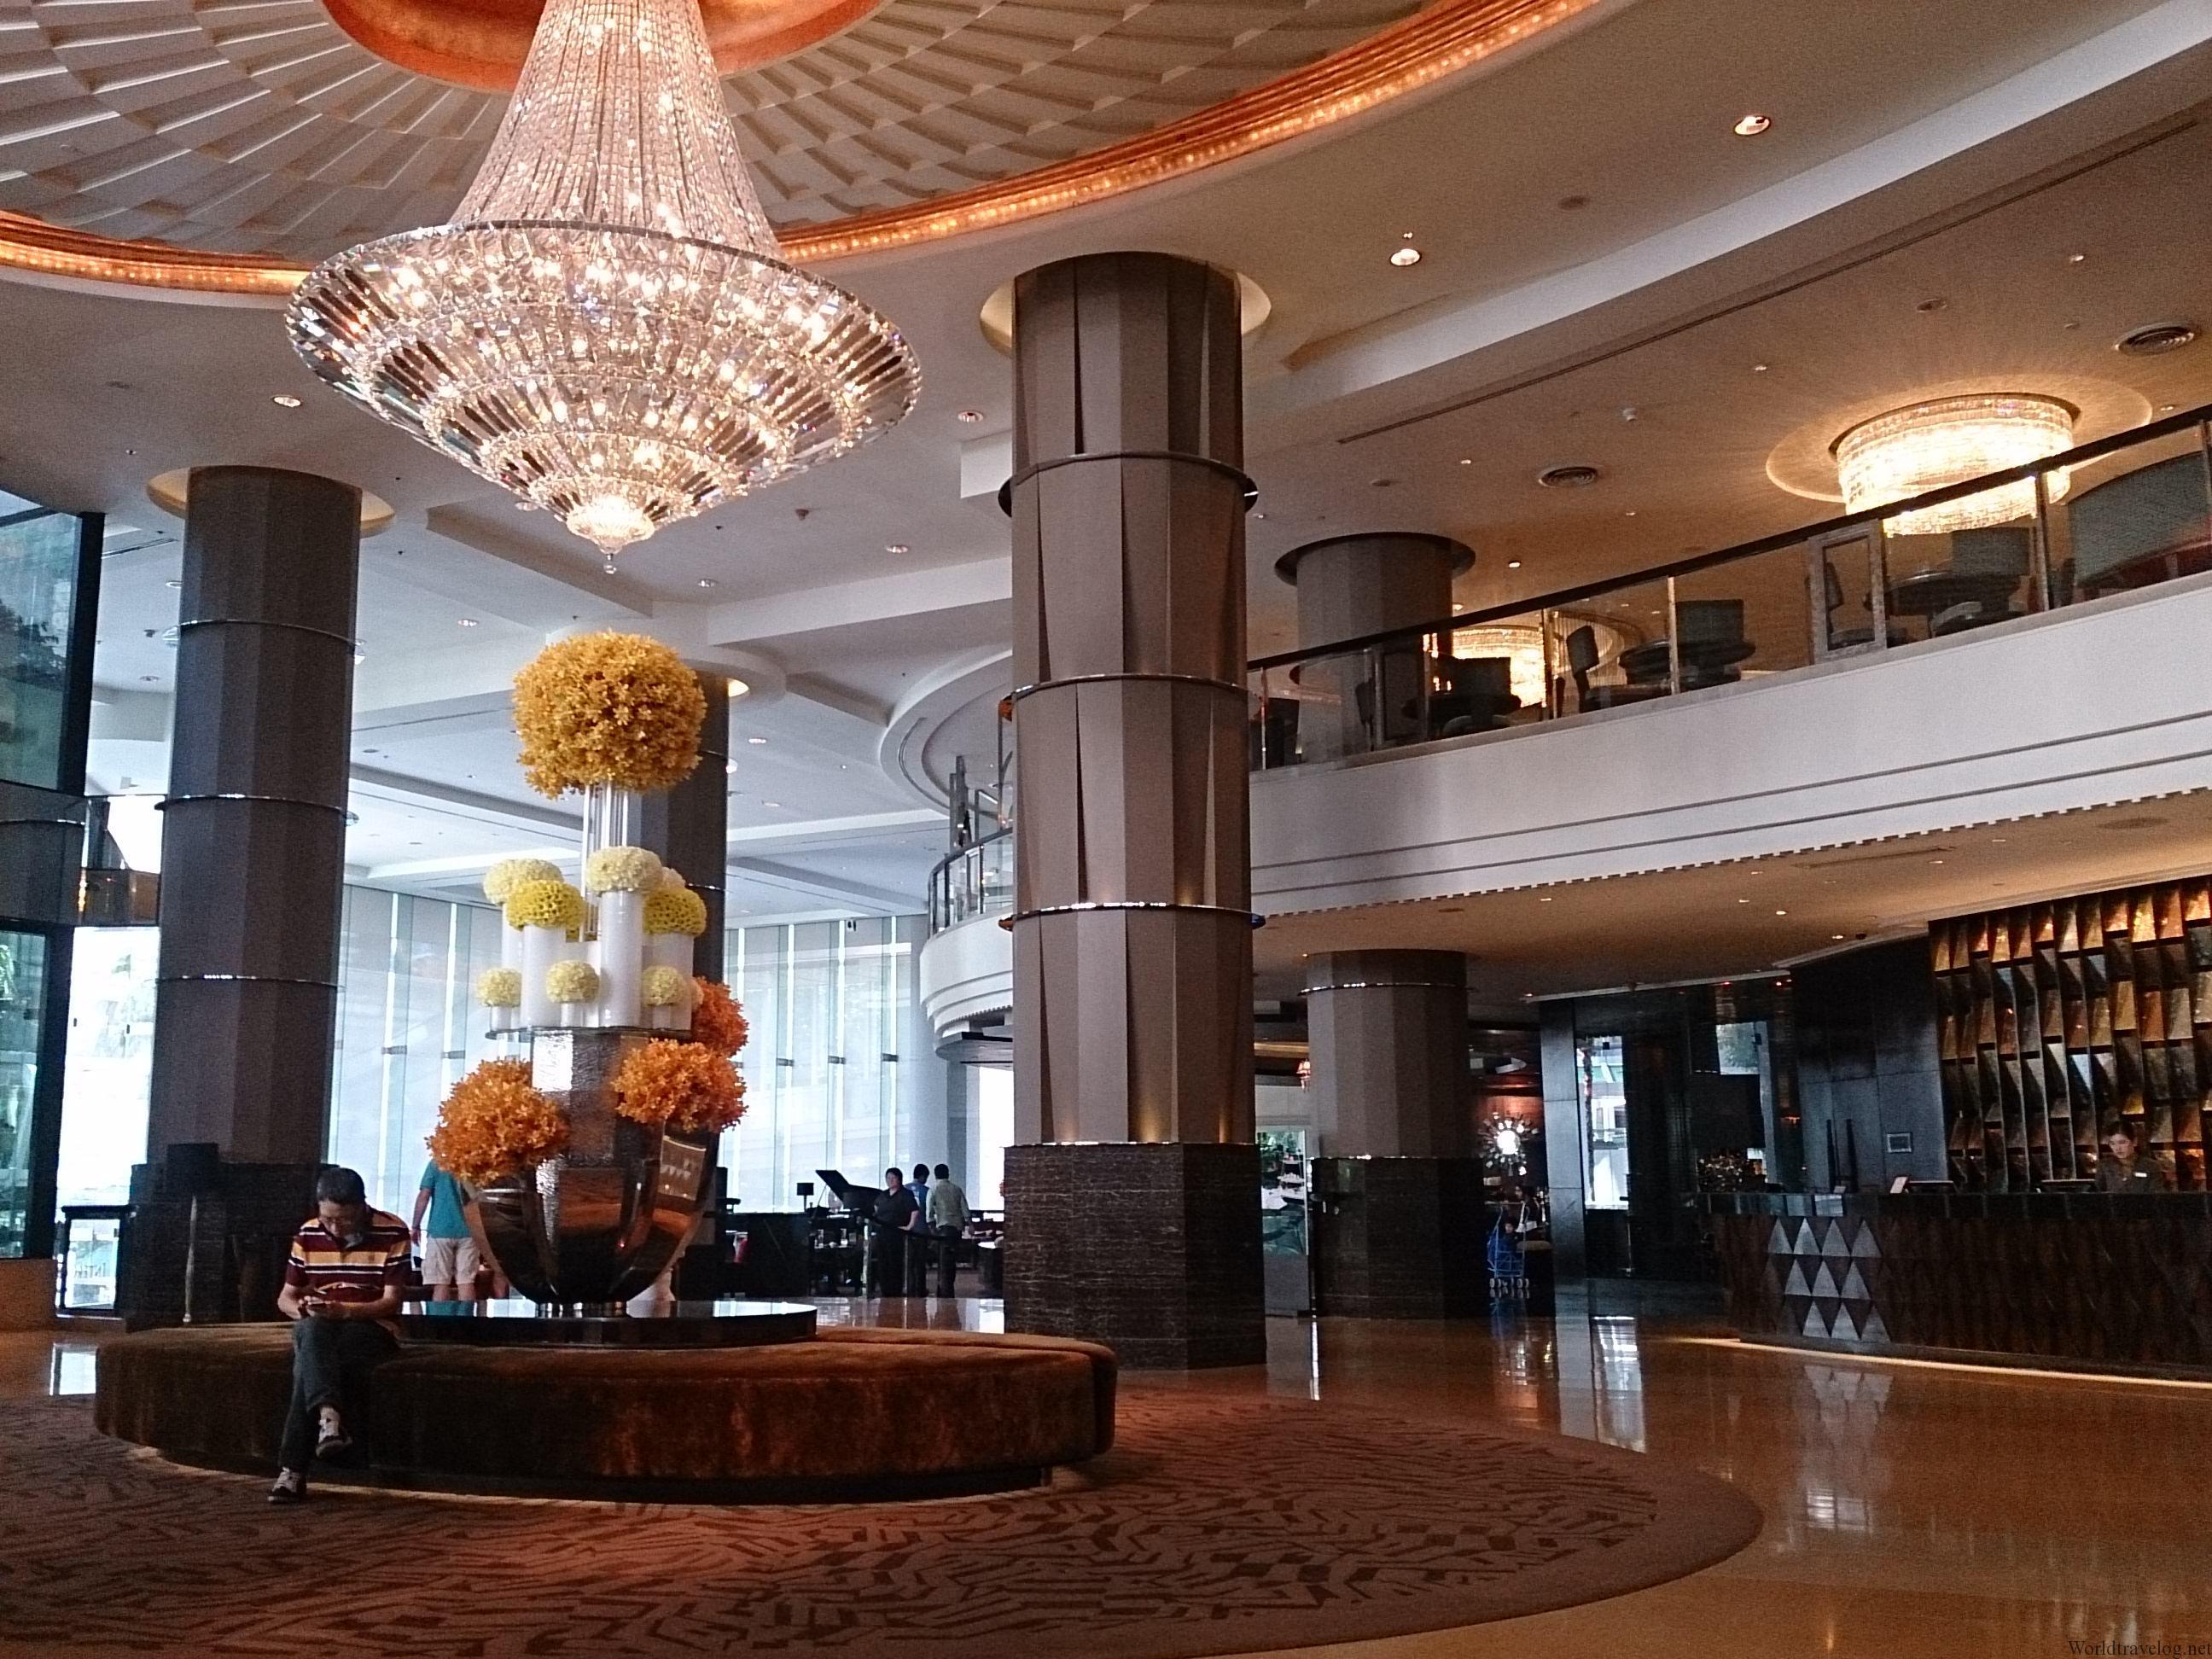 インターコンチネンタル バンコク クラブルーム宿泊記/Intercontinental Bangkok